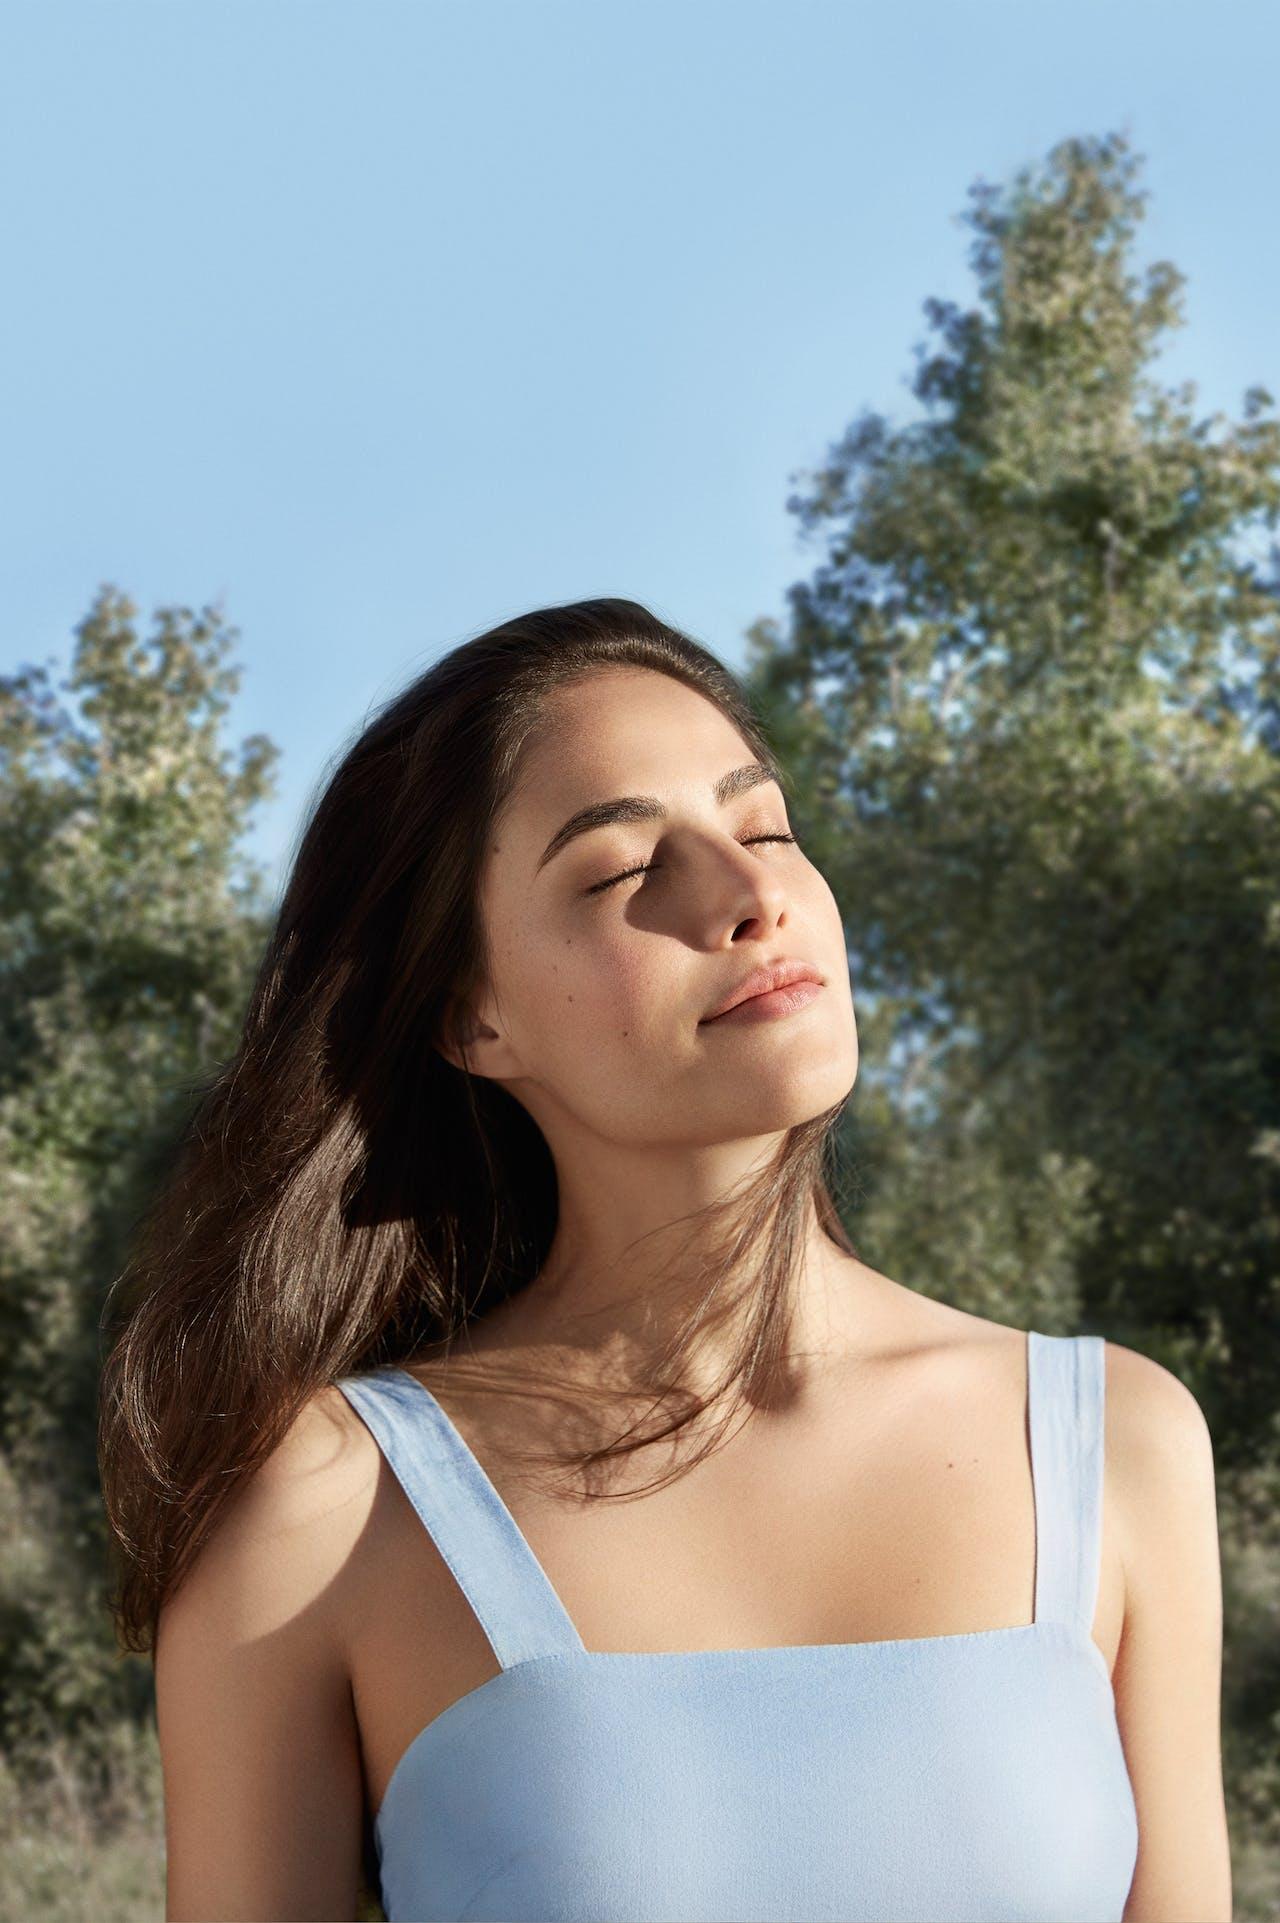 femme-belle-italienne-naturelle